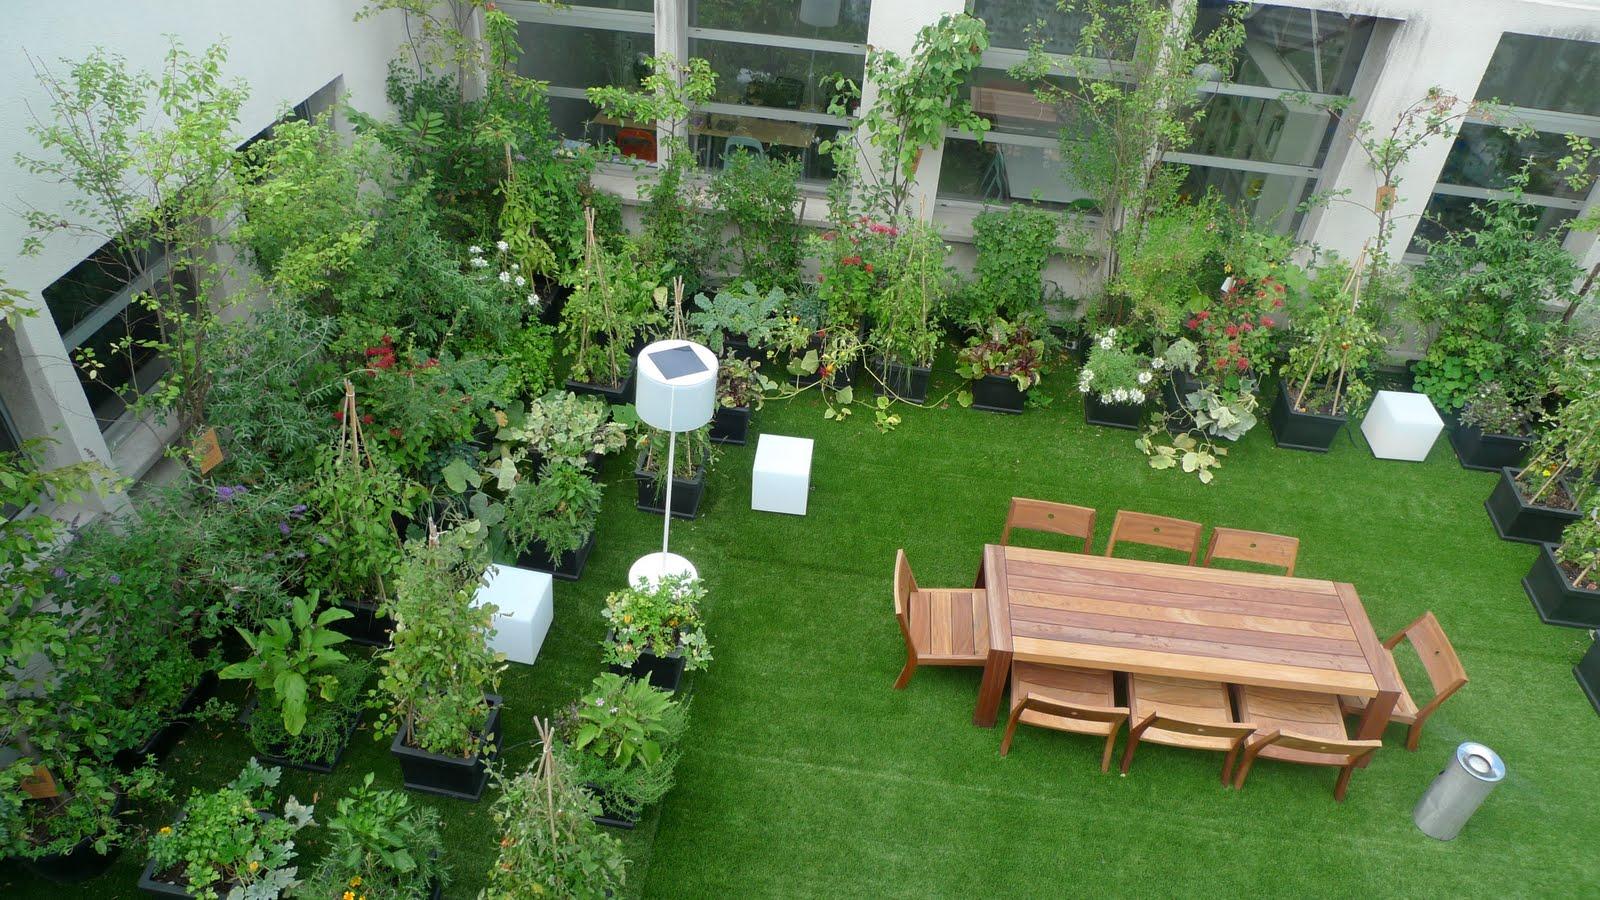 Paradis express paris rooftop garden for Garden designs in india